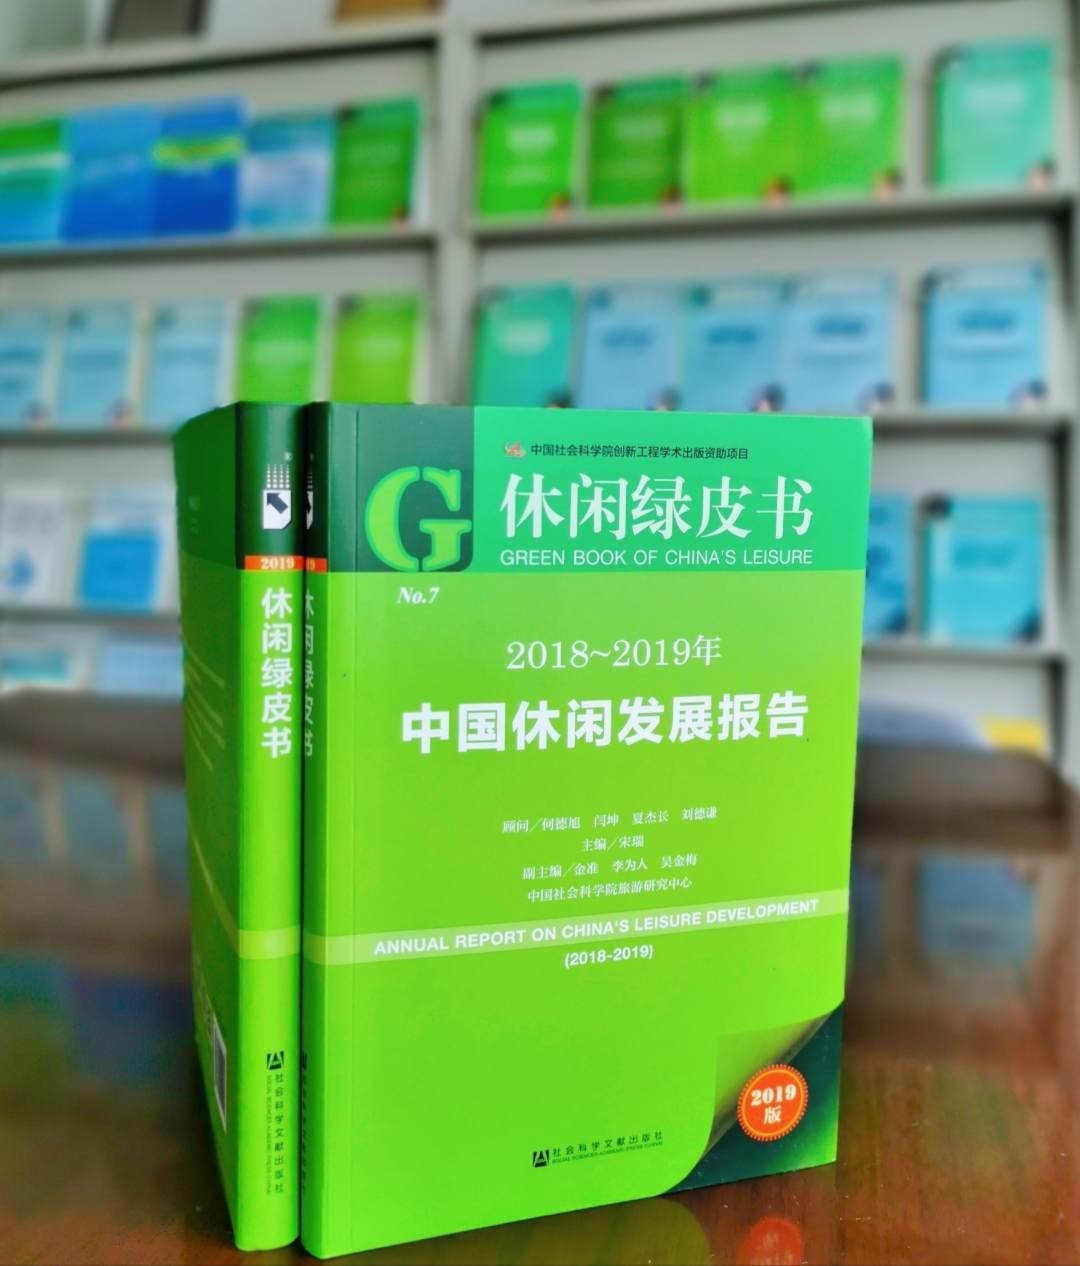 《休闲绿皮书:2018-2019年中国休闲发展报告》发布